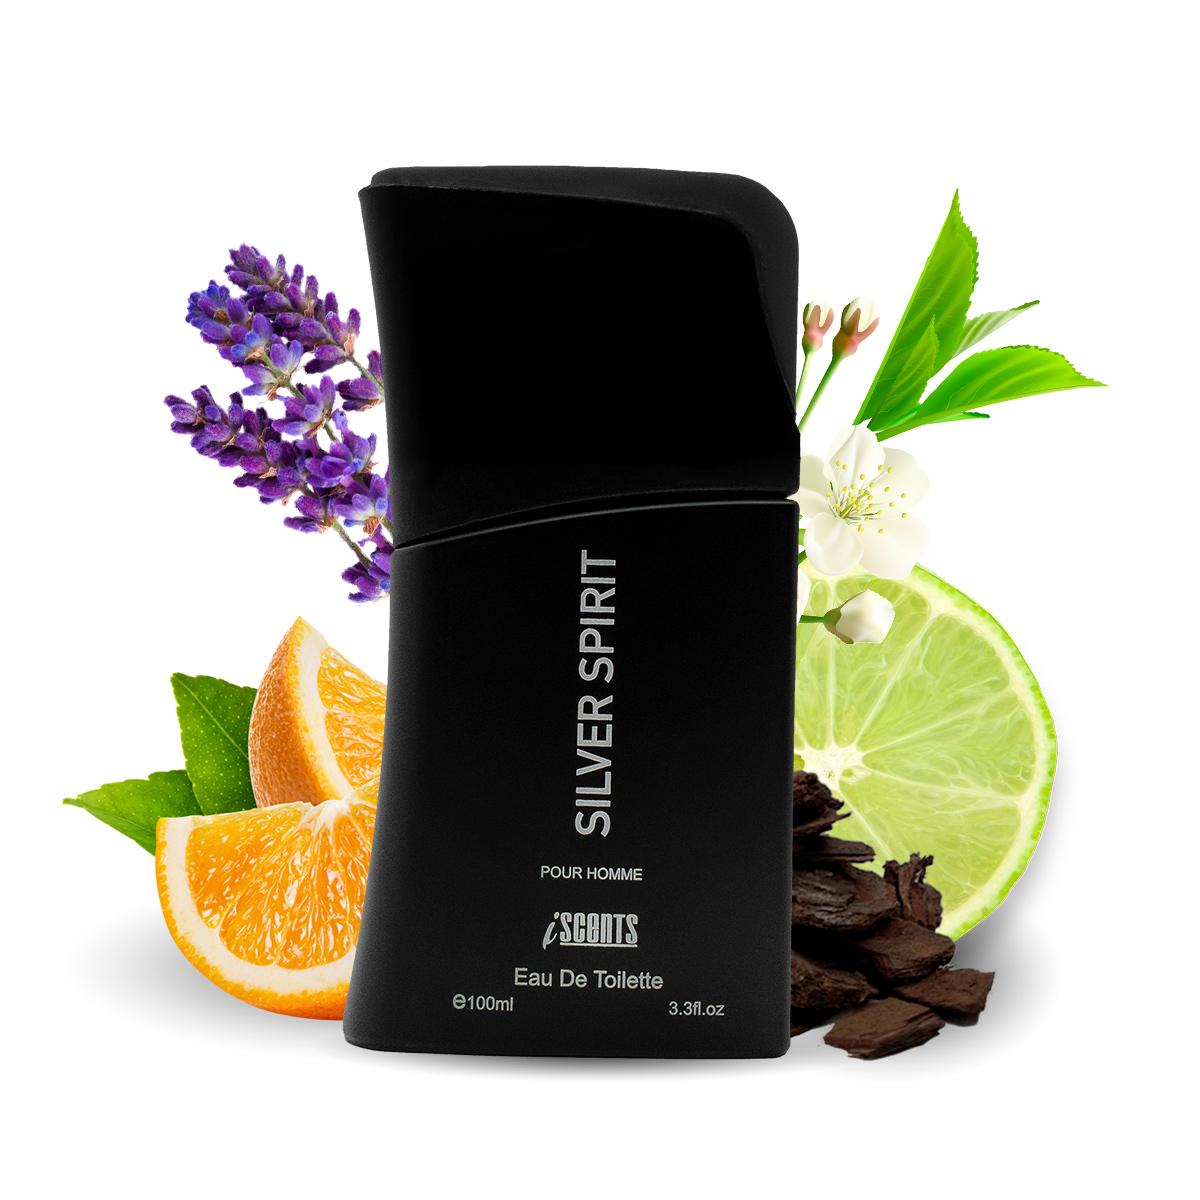 Kit 2 Perfumes Ferous Black e Silver Spirit I Scents